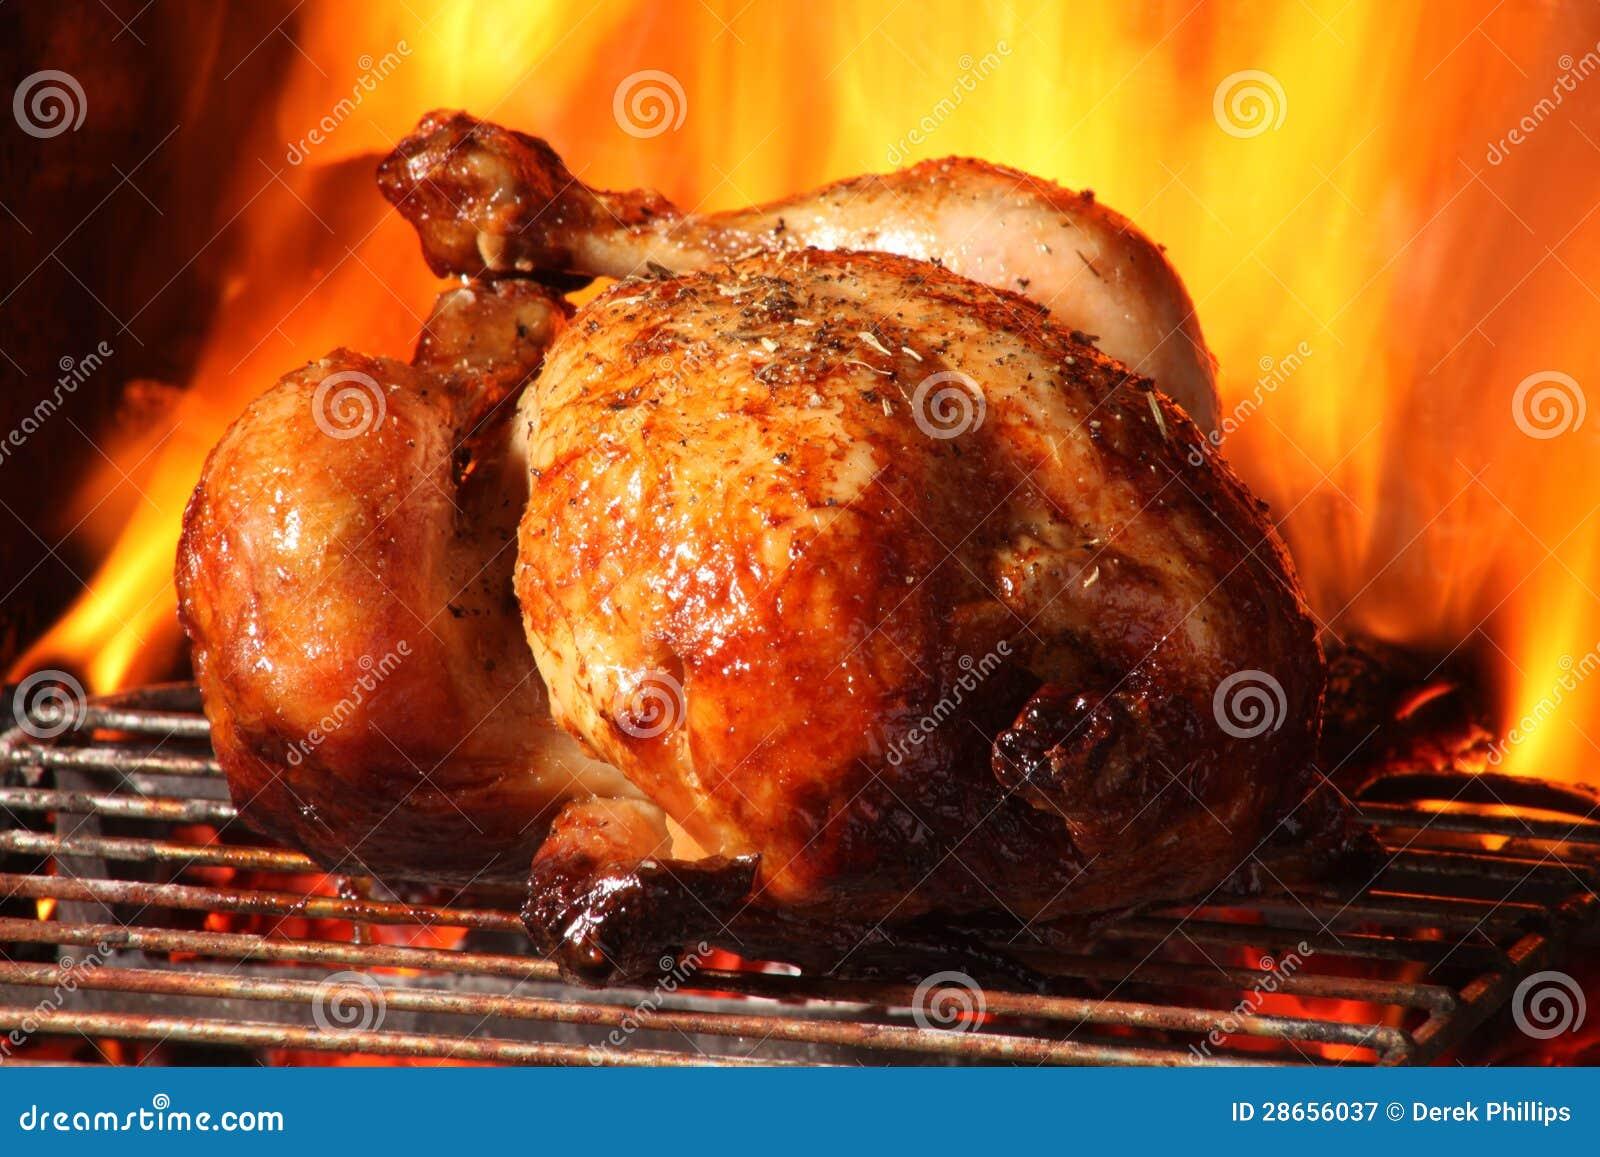 roast chicken being co...